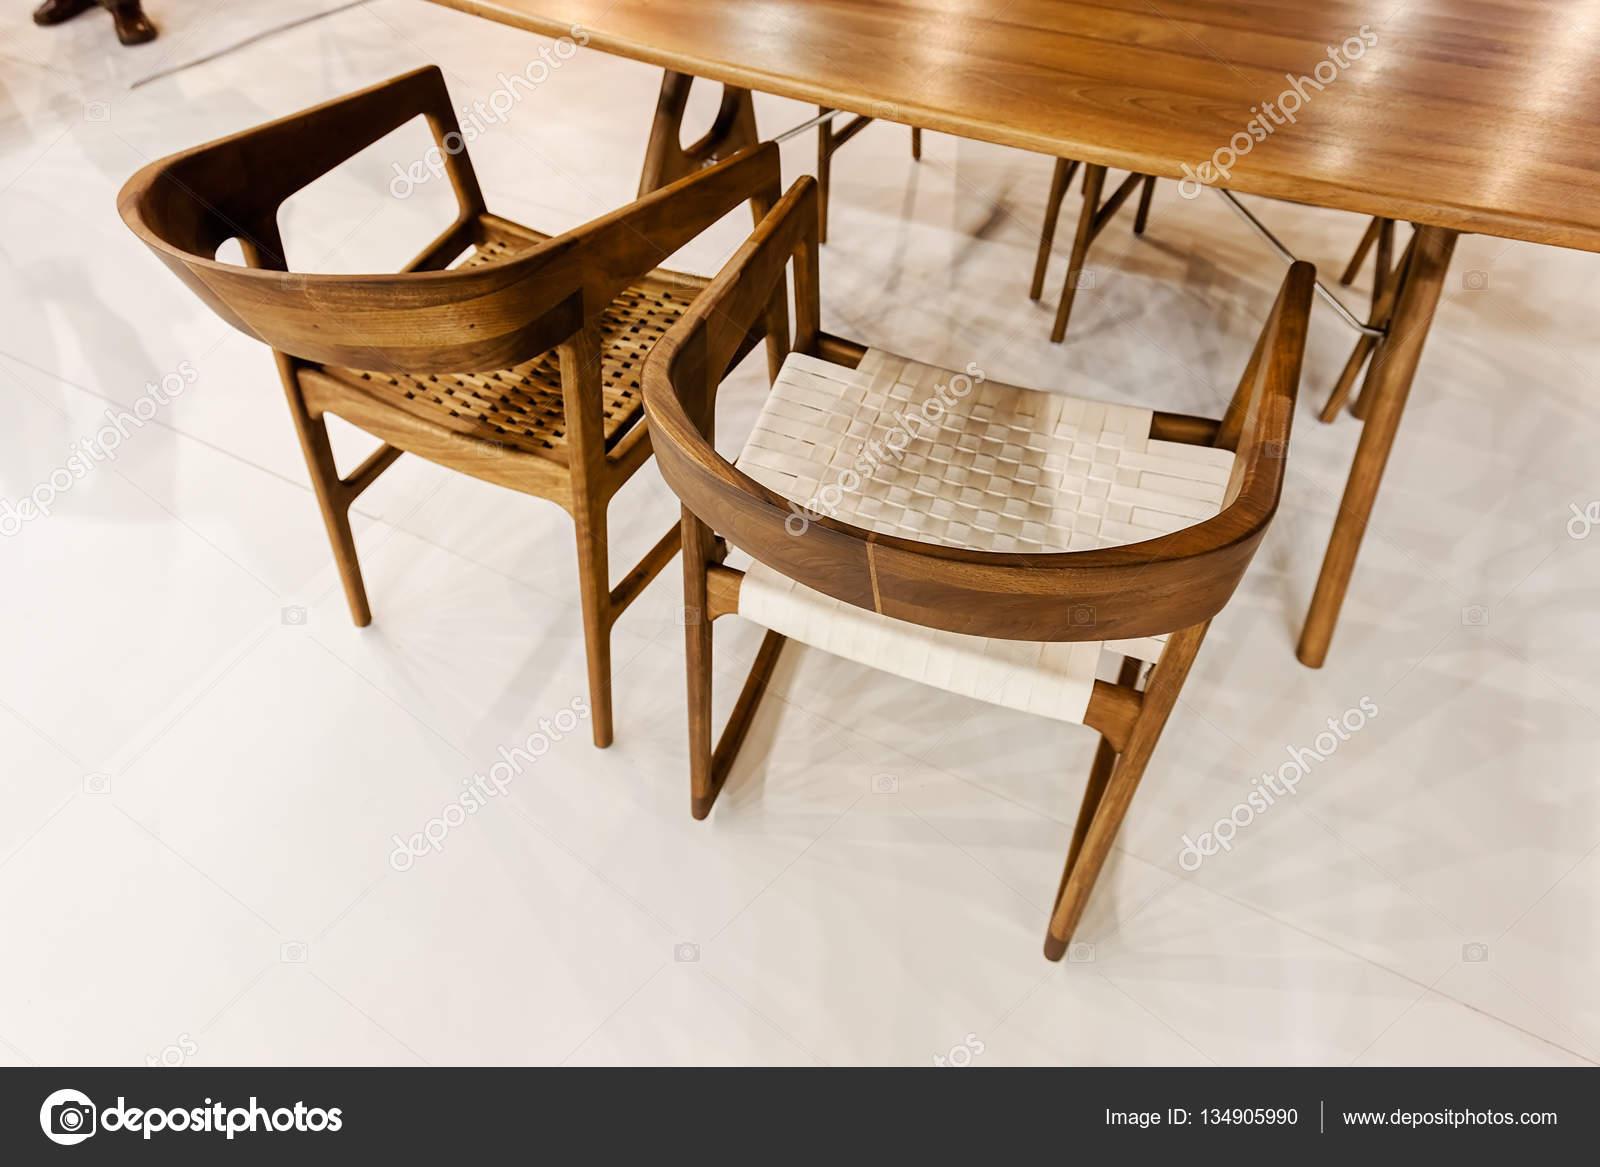 modello di sedia da cucina — Foto Stock © VladimirNenezic #134905990